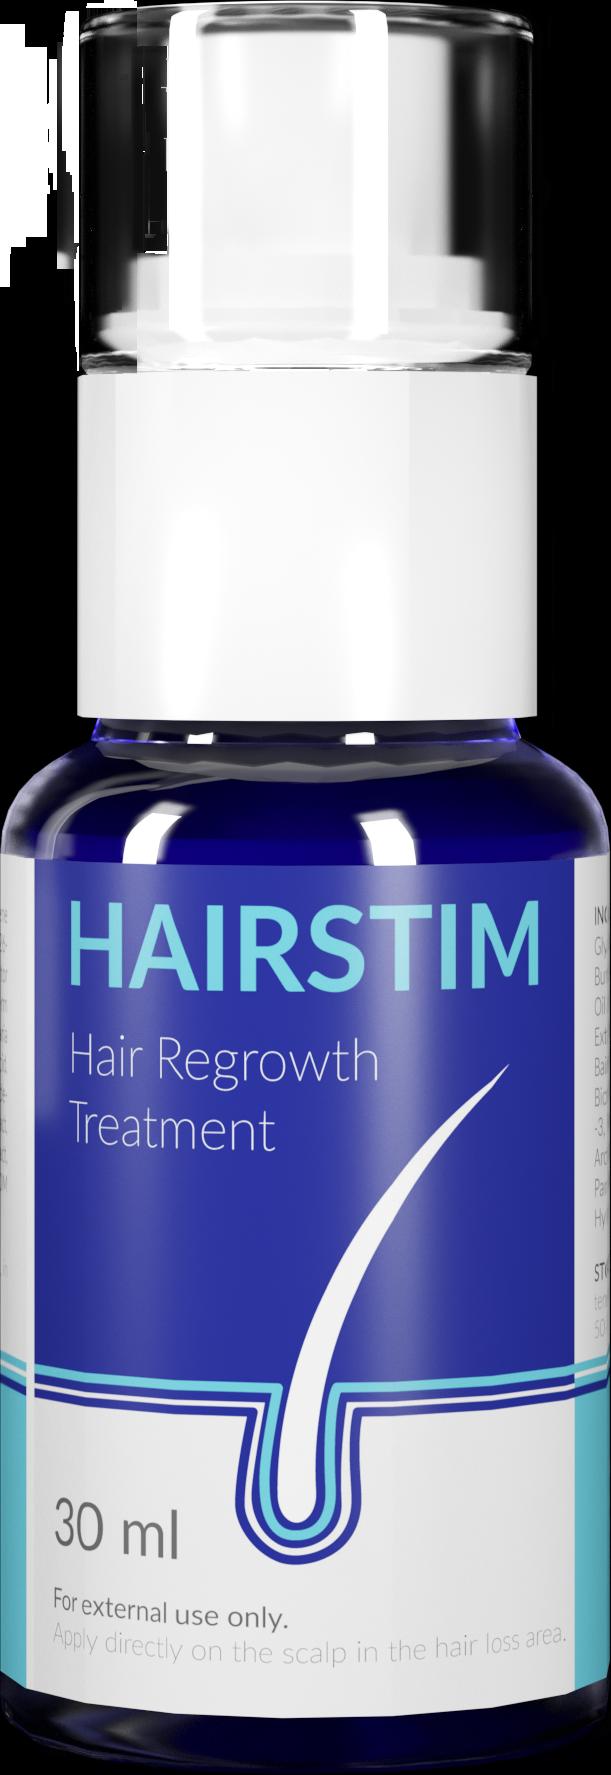 Hairstim - 2020 - skład, gdzie kupić, ceny?